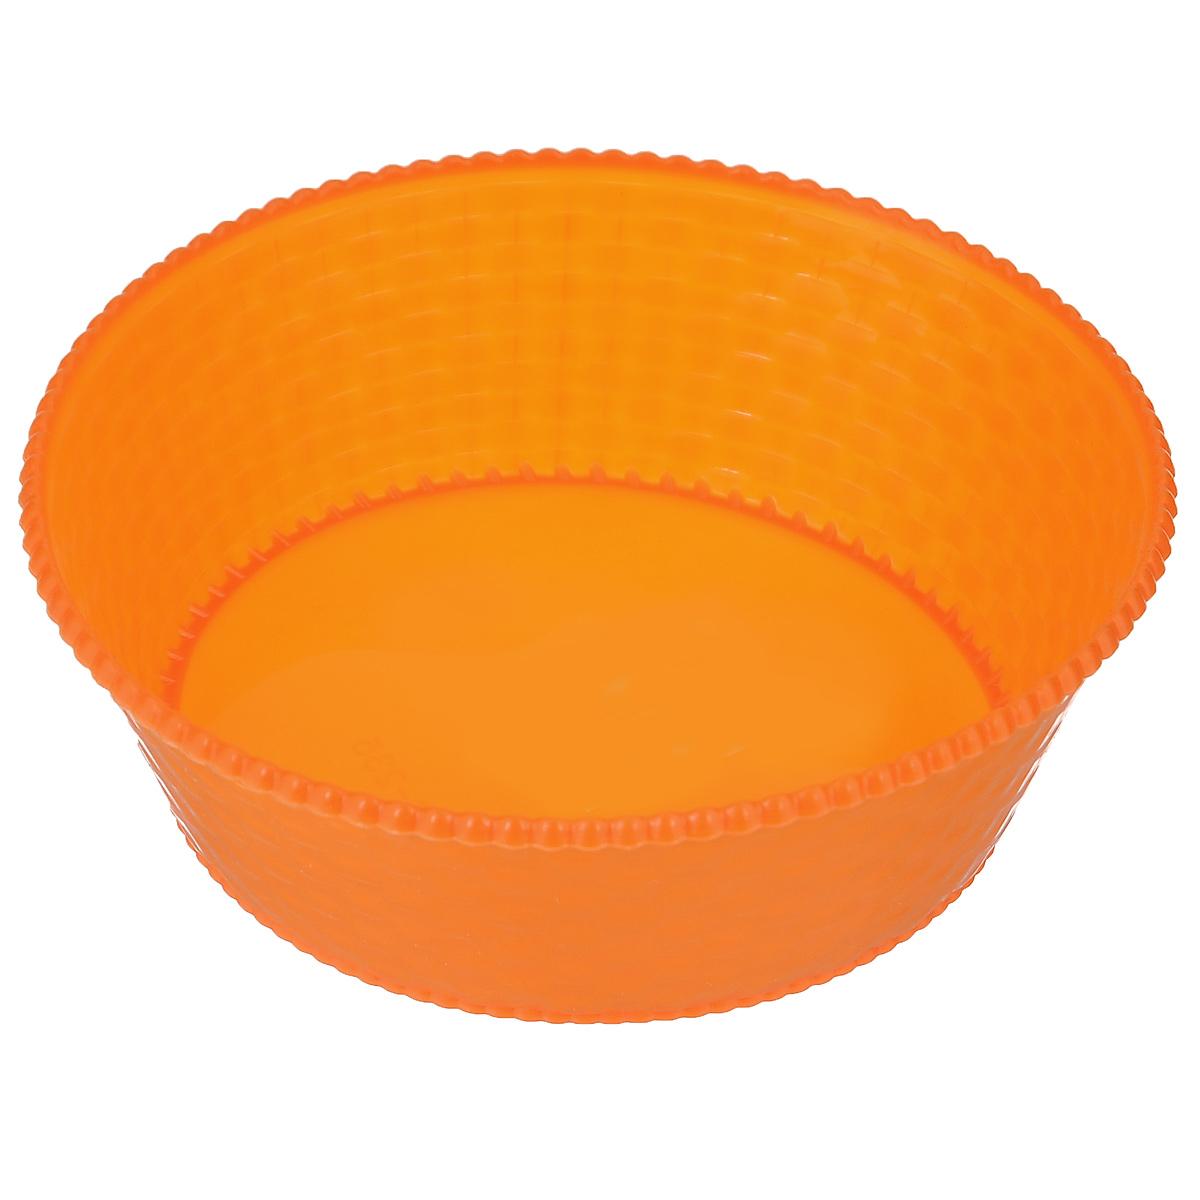 Корзинка для мелочей Sima-land, цвет: оранжевый, диаметр 15 см140358Круглая корзинка Sima-land, изготовленная из пластика, предназначена для хранения мелочей в ванной, на кухне, на даче. Легкая компактная корзина позволяет хранить мелкие вещи, исключая возможность их потери. Диаметр корзины: 15 см.Высота корзины: 4,5 см.